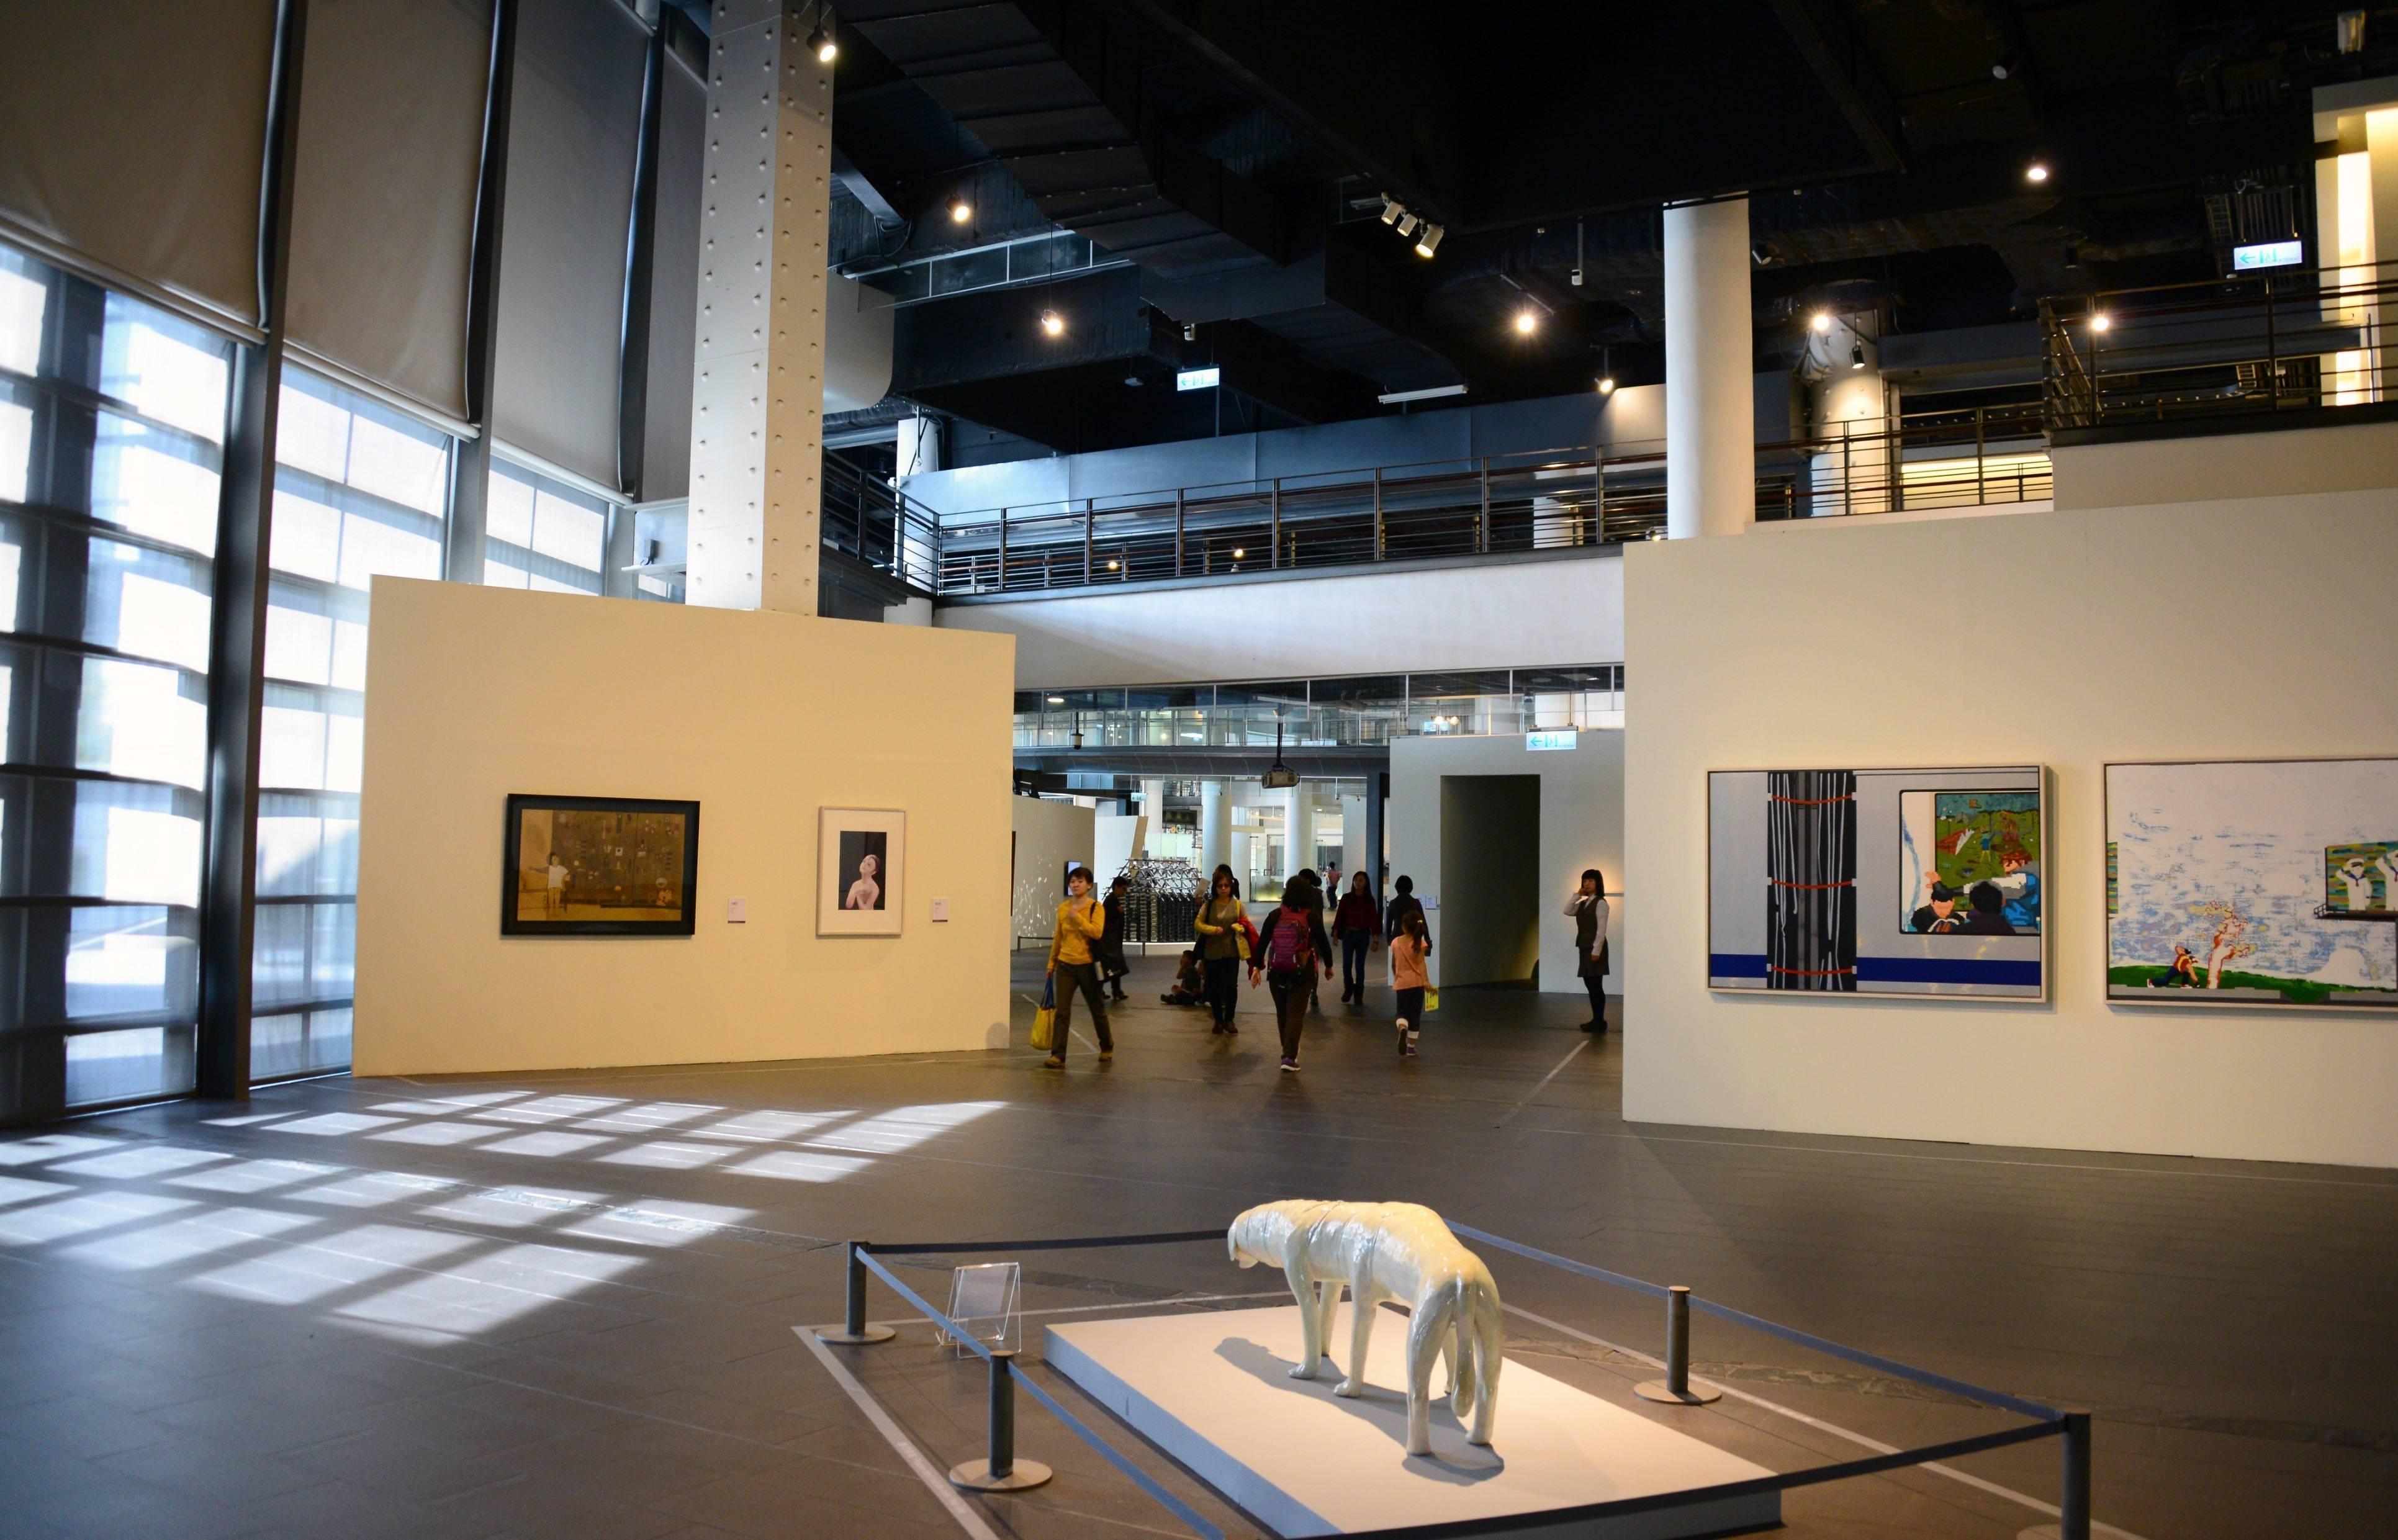 國美館「青年藝術家作品購藏」公開徵件即日開始接受報名,圖為國美館2015年「夢‧棲地─館藏青年藝術主題展」